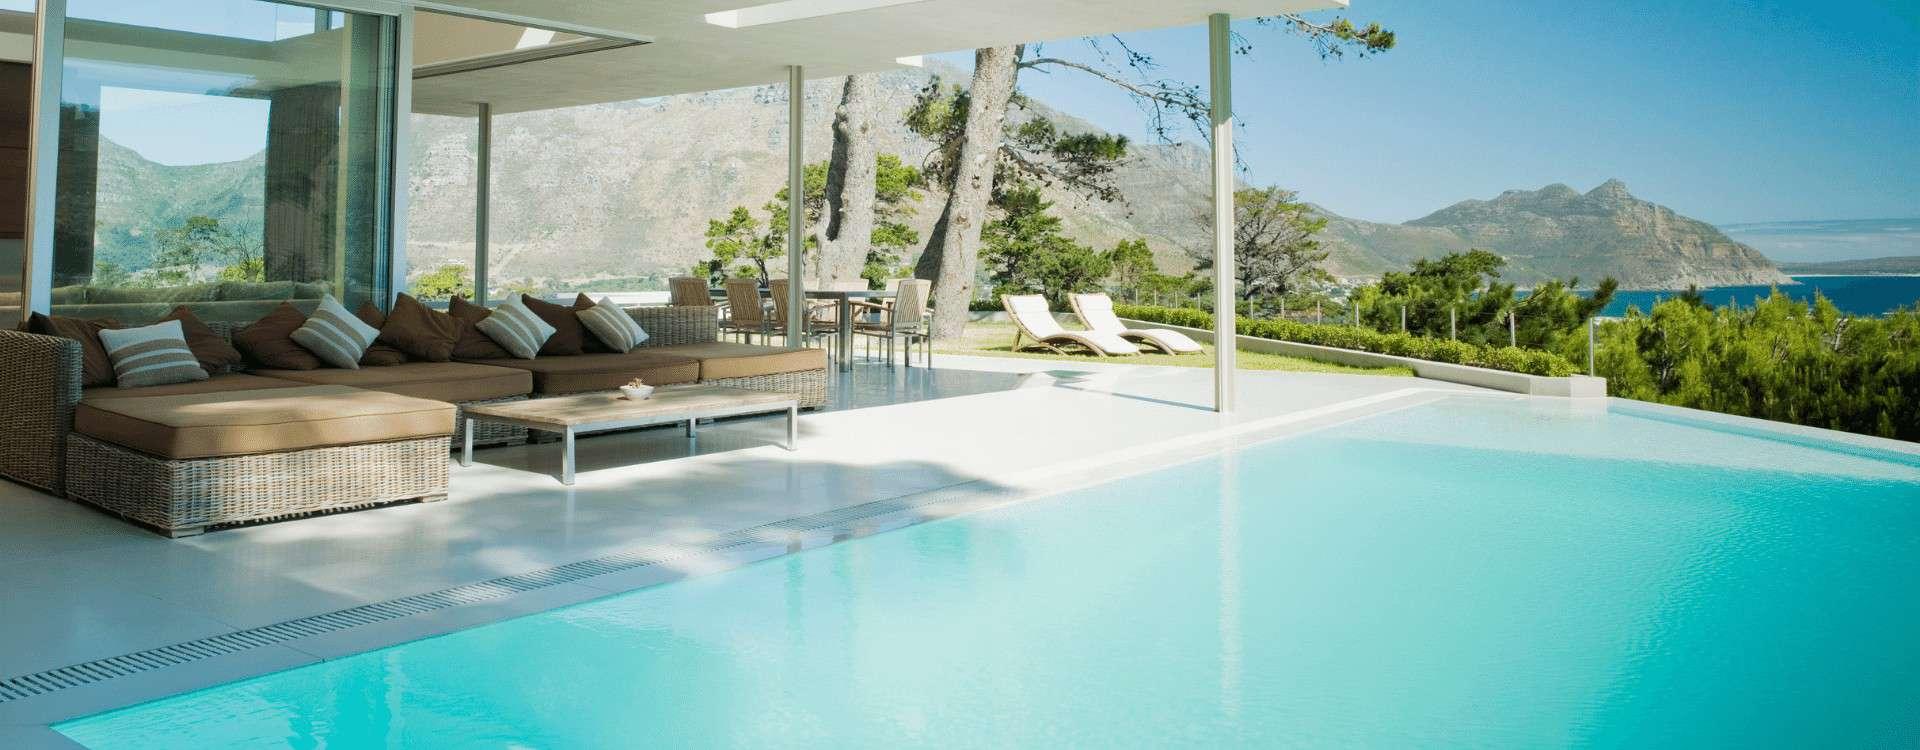 normativa-piscinas-privadas